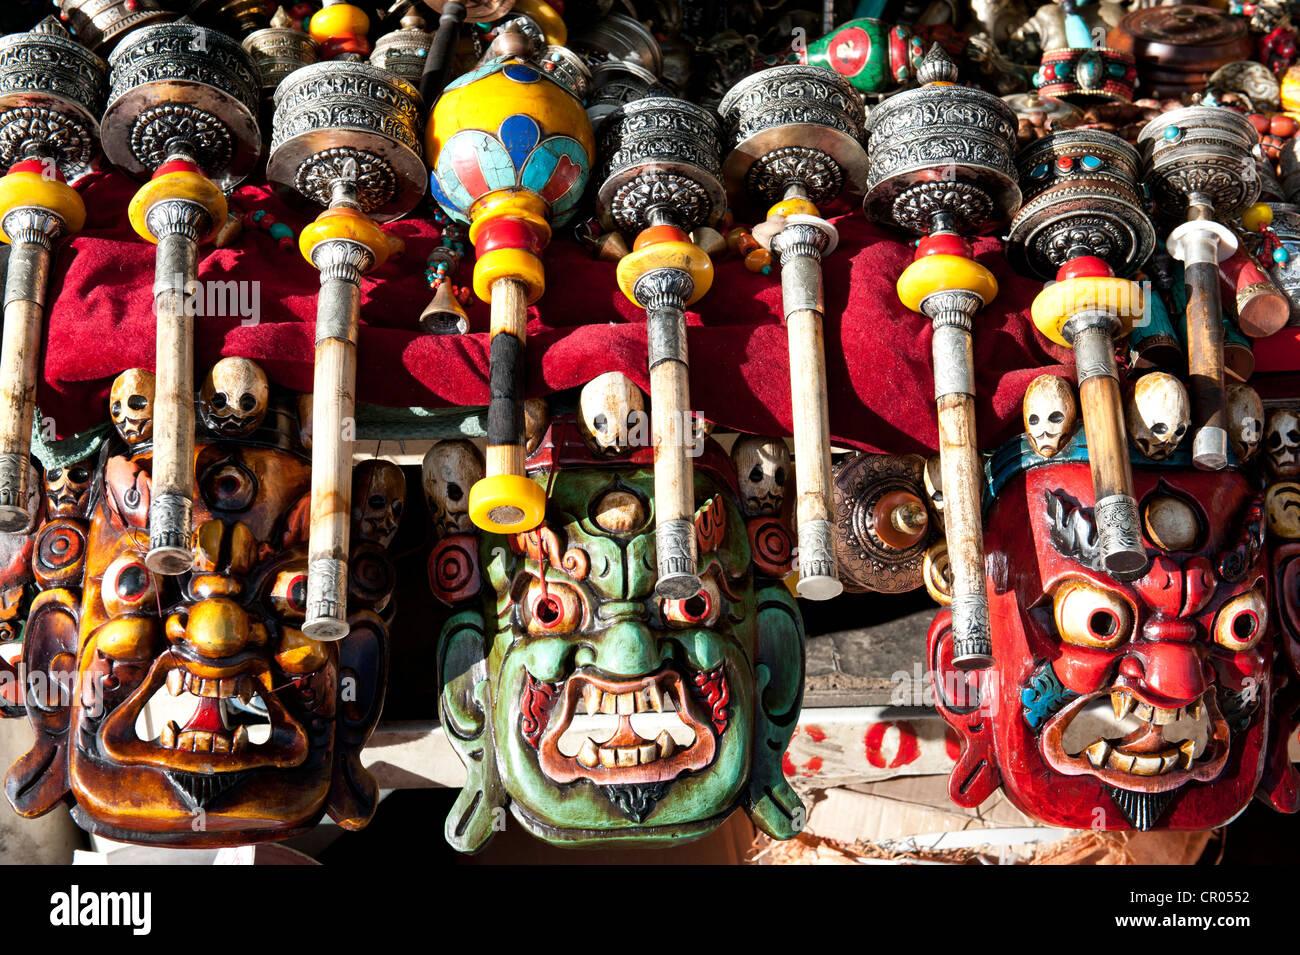 Le bouddhisme tibétain, les masques colorés, roues de prière tibétain, souvenirs, Lhassa, de Photo Stock